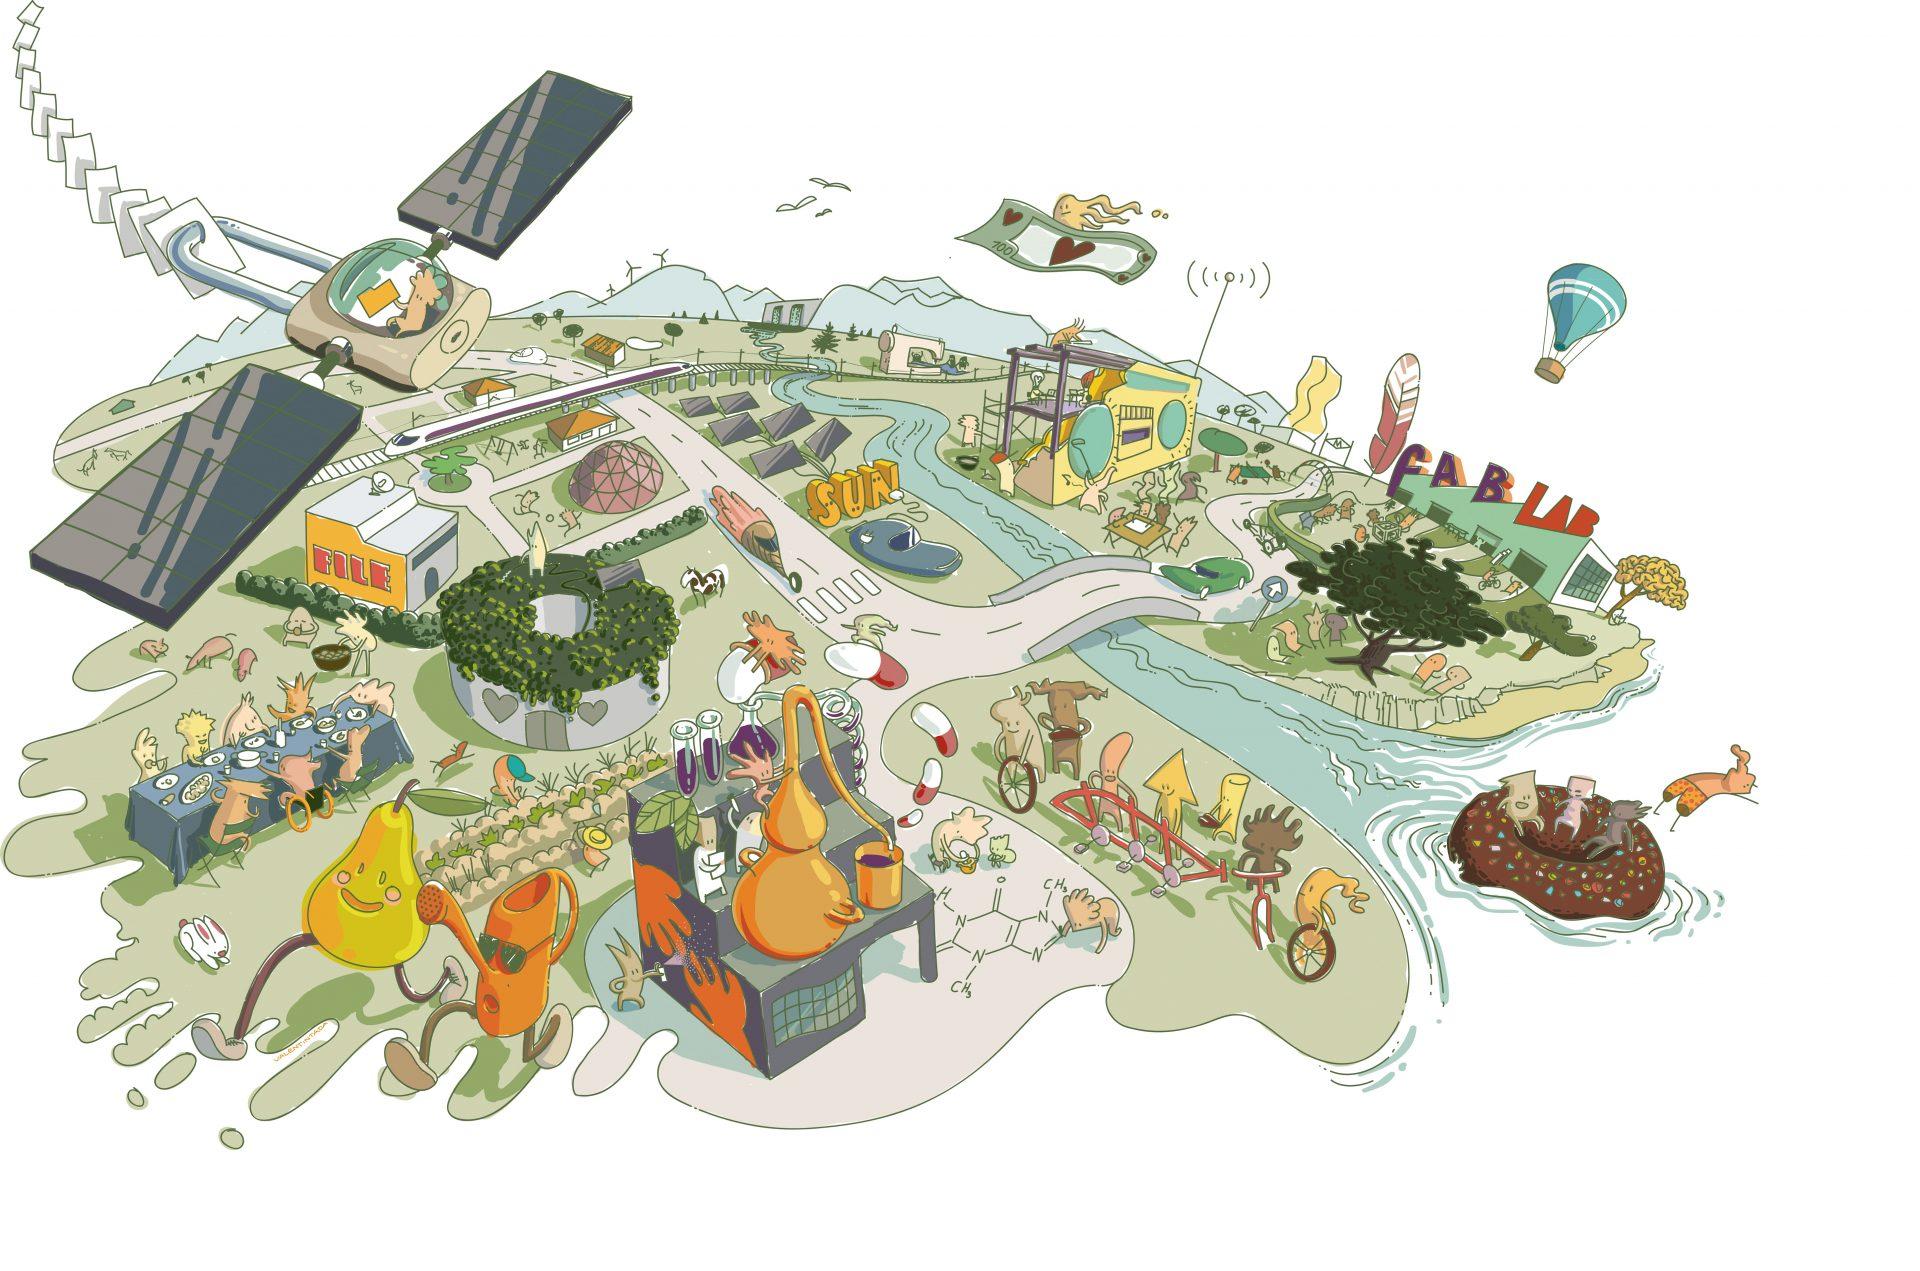 Il·lustració sencera, un ecosistema complet de procomuns